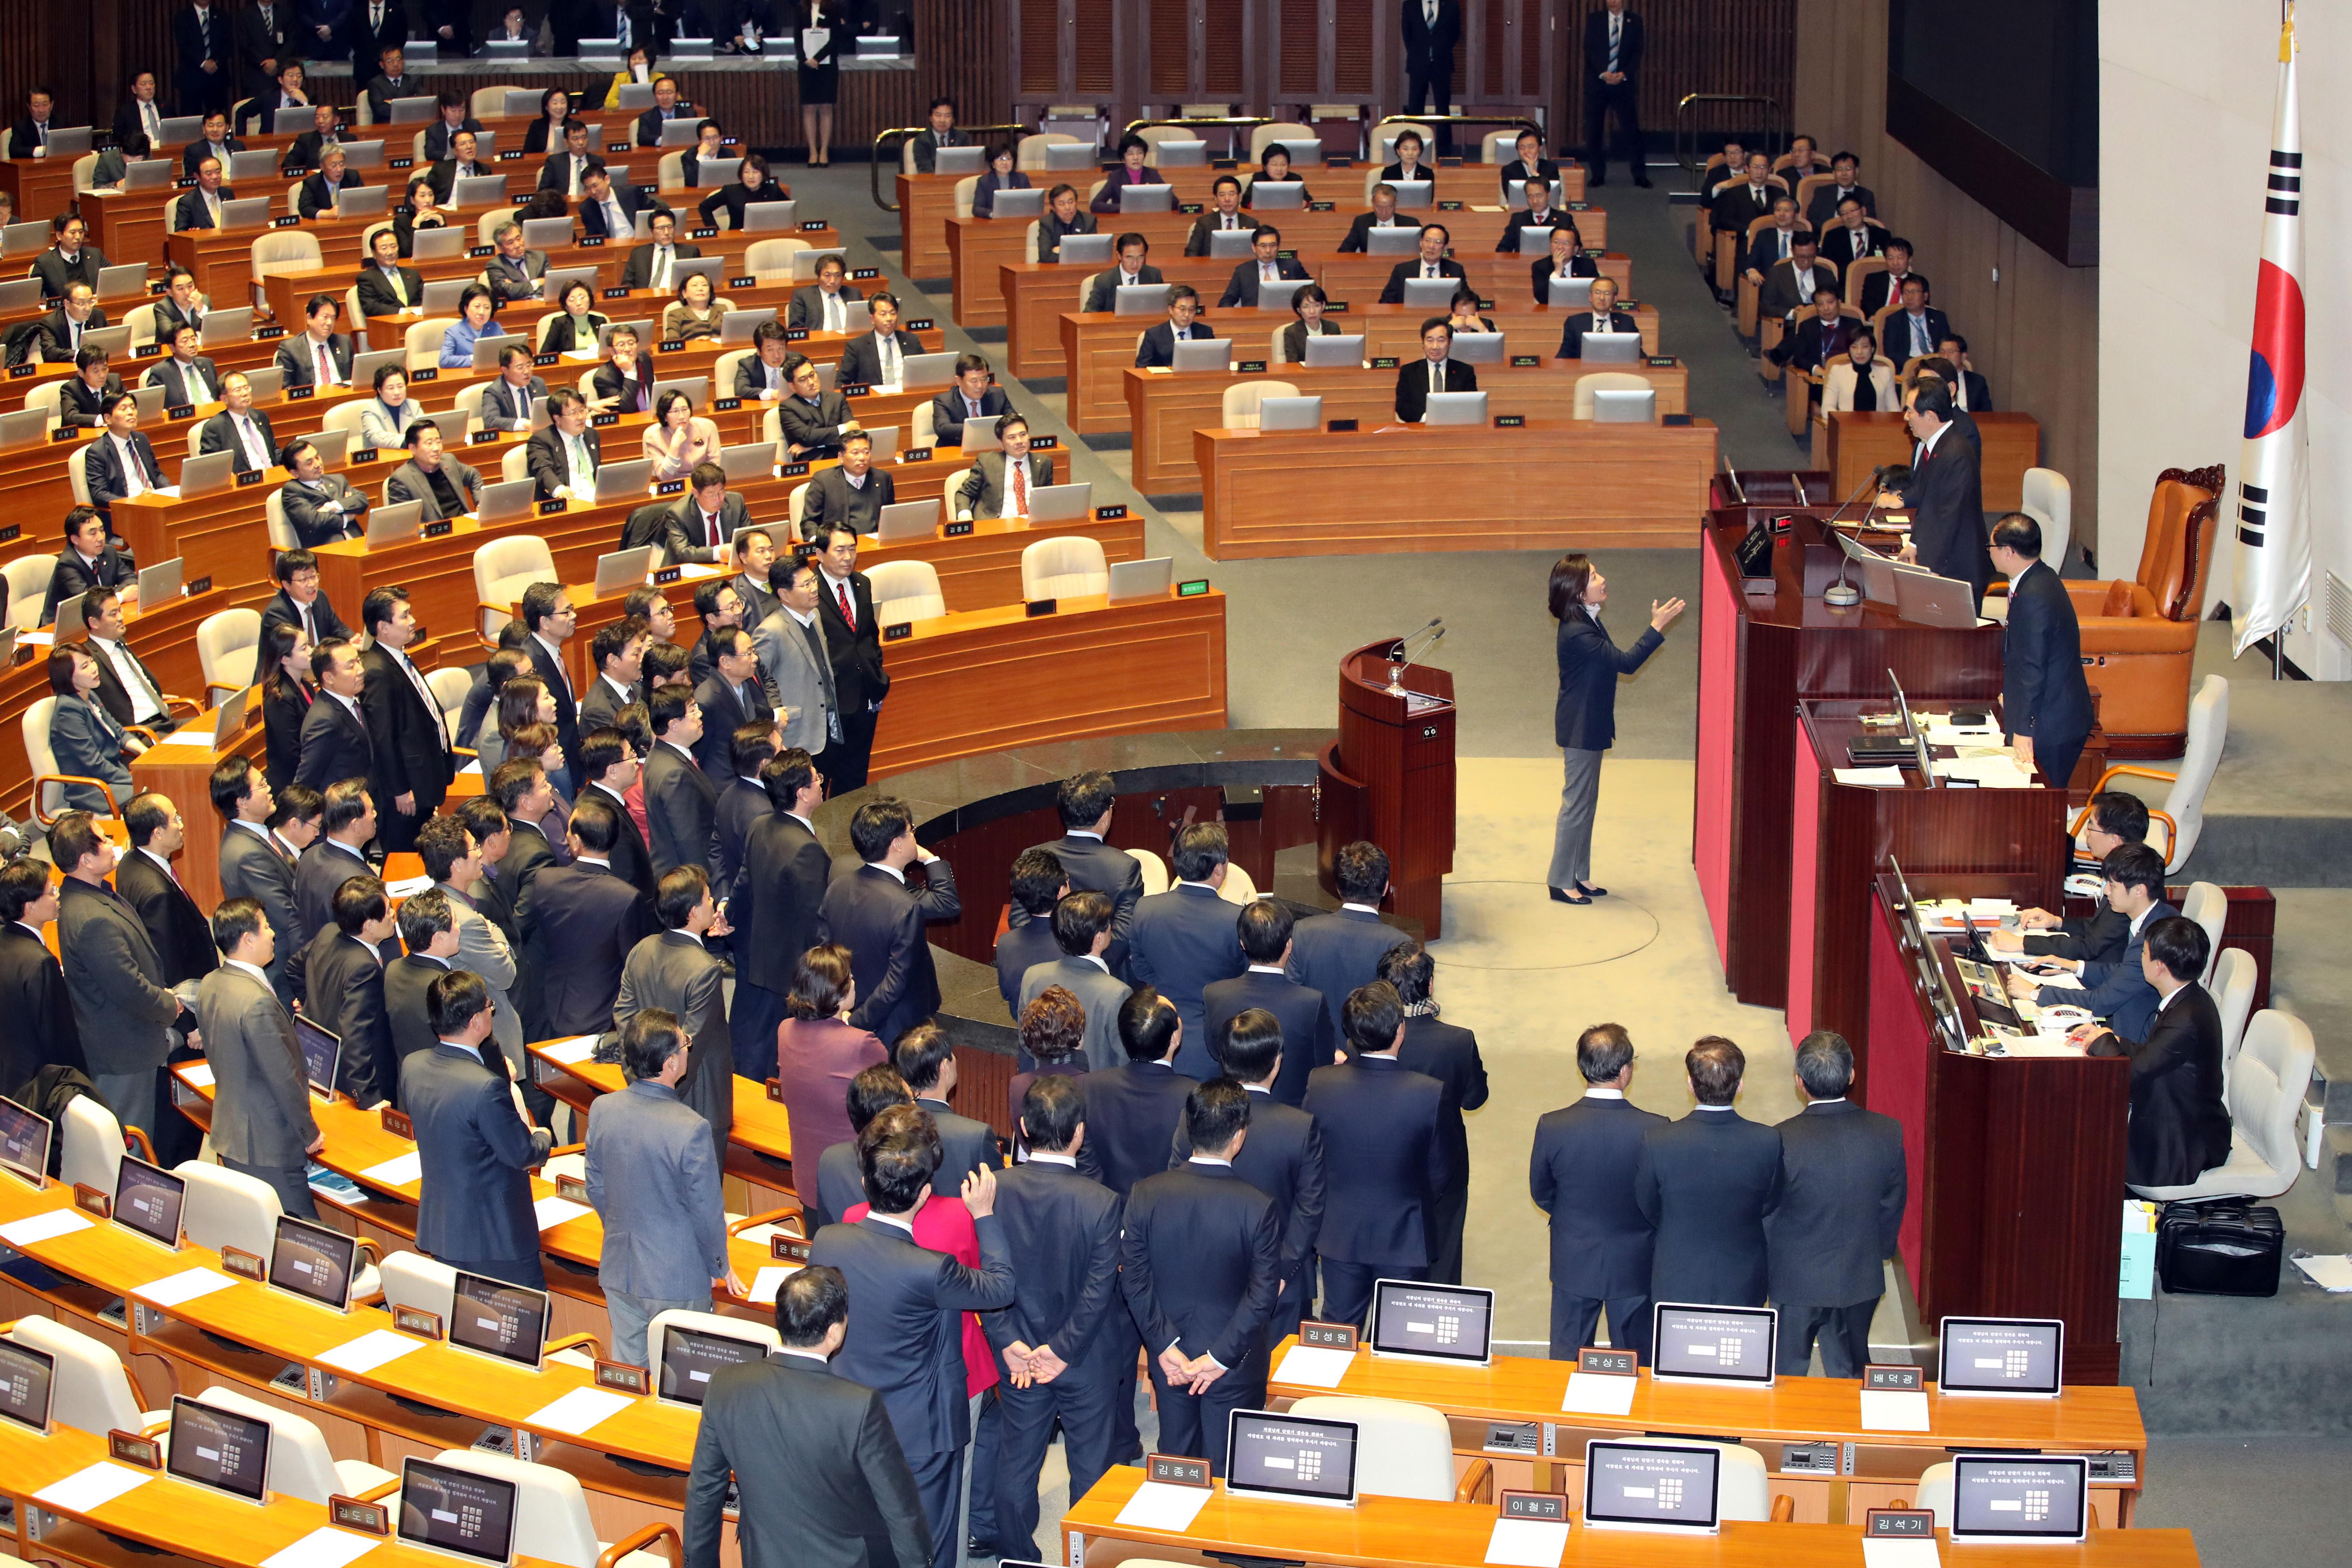 (서울=연합뉴스) 박동주 기자 = 5일 밤 국회에서 재개된 2018년도 예산안 처리를 위한 국회 본회의. 자유한국당 의원들이 법인세법 등에 항의하며 의사일정을 막고 있다.